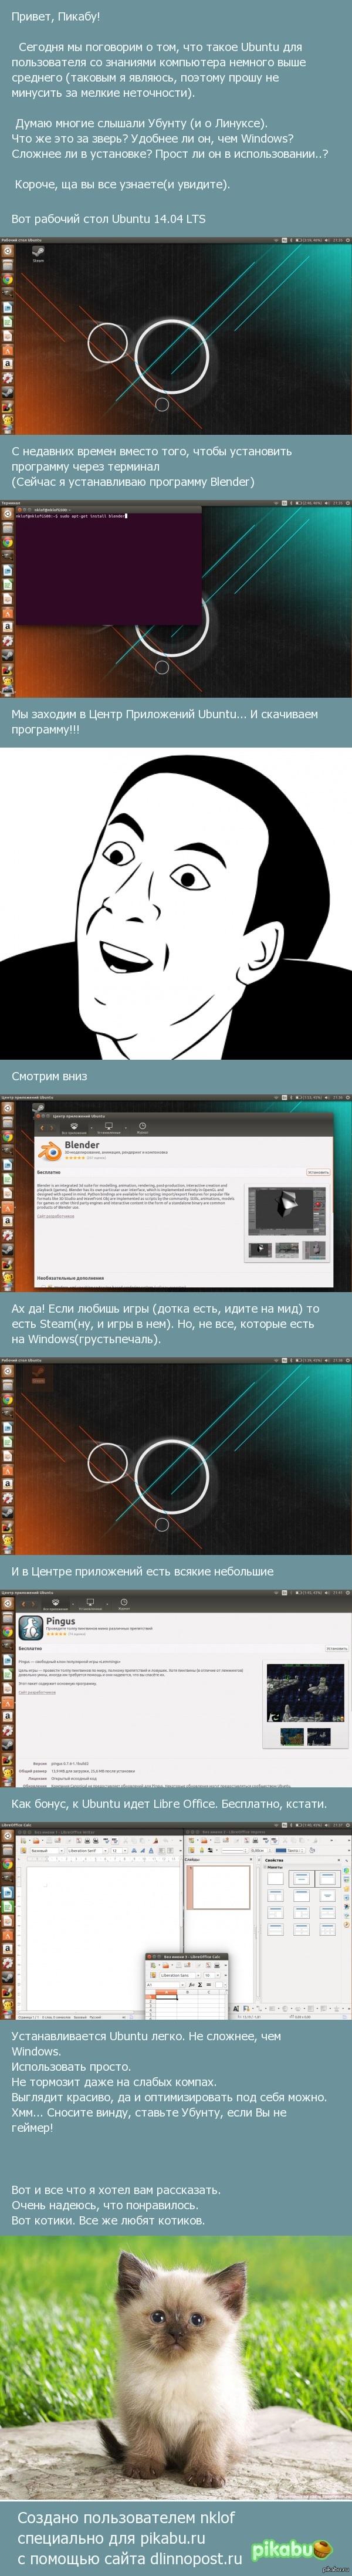 Взгляд на Ubuntu глазом обычного пользователя. Не читайте если не нравится. Всем добра!